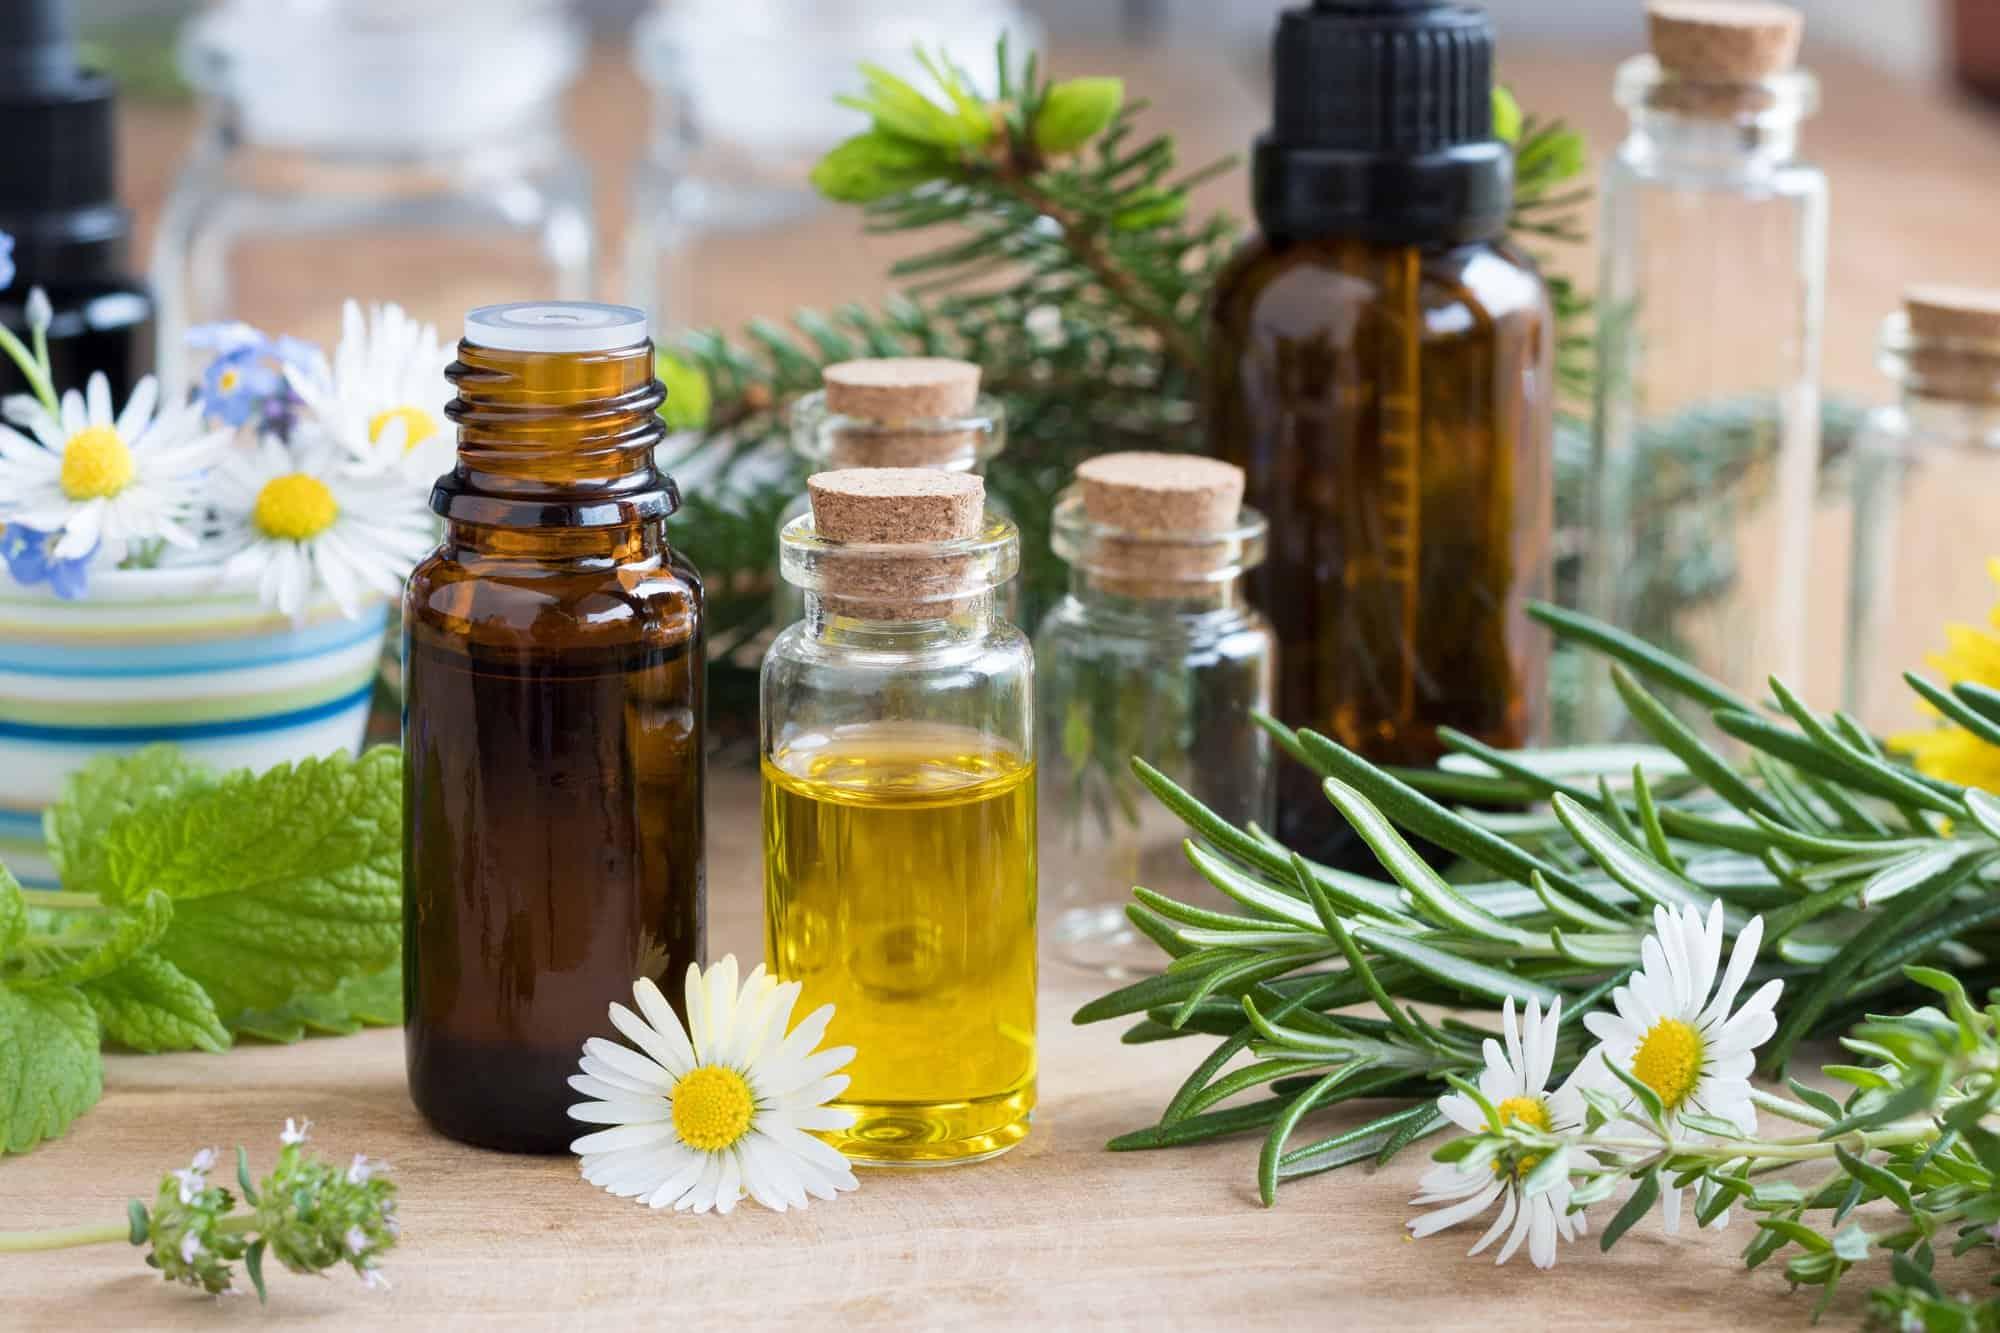 Meilleures huiles essentielles et remèdes maison pour empêcher la bursite de faire souffrir votre vie! |